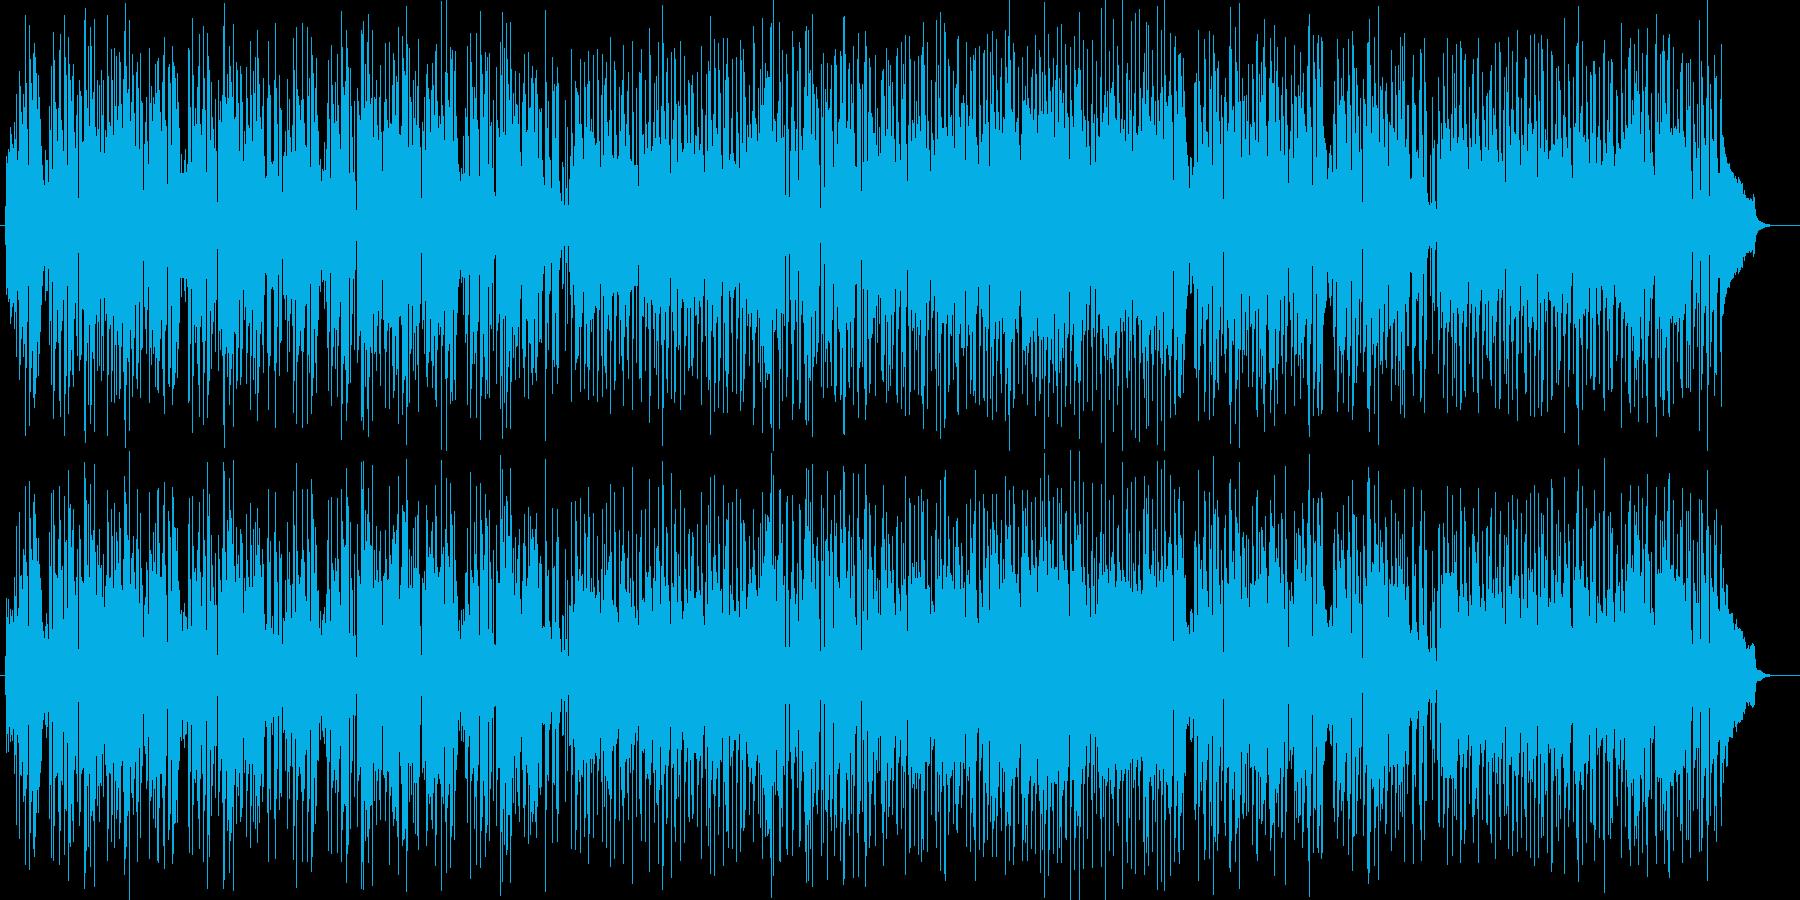 陽気な現代的シンセピアノサウンドの再生済みの波形